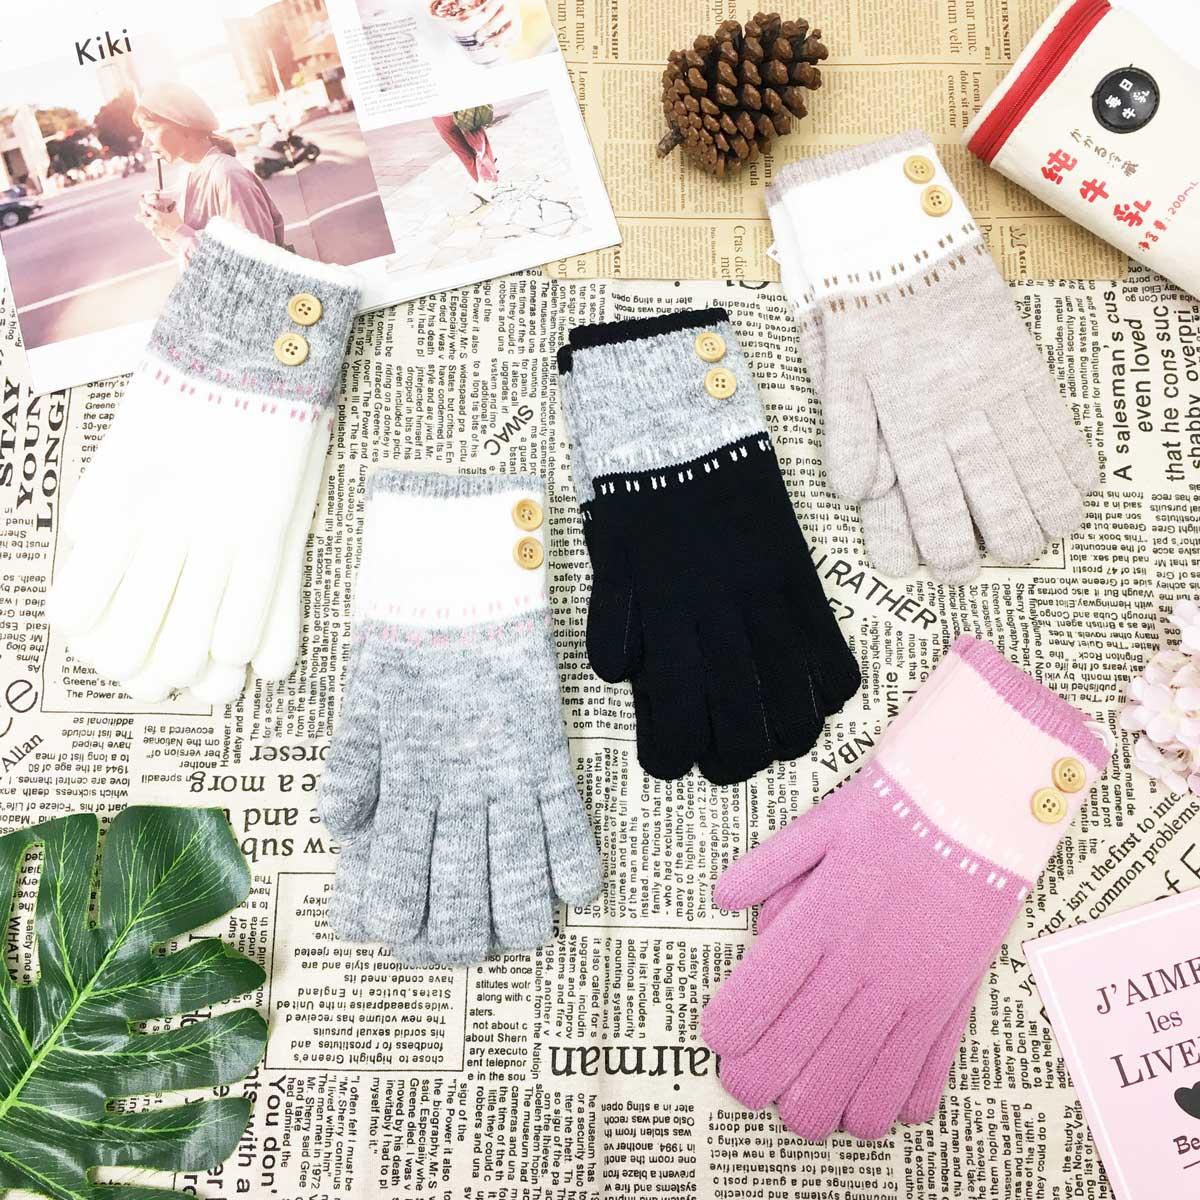 刷毛手套 立體鈕扣 拼接 點綴 可愛俏皮 刷毛 保暖 粉 黑 白 灰 卡其 手套